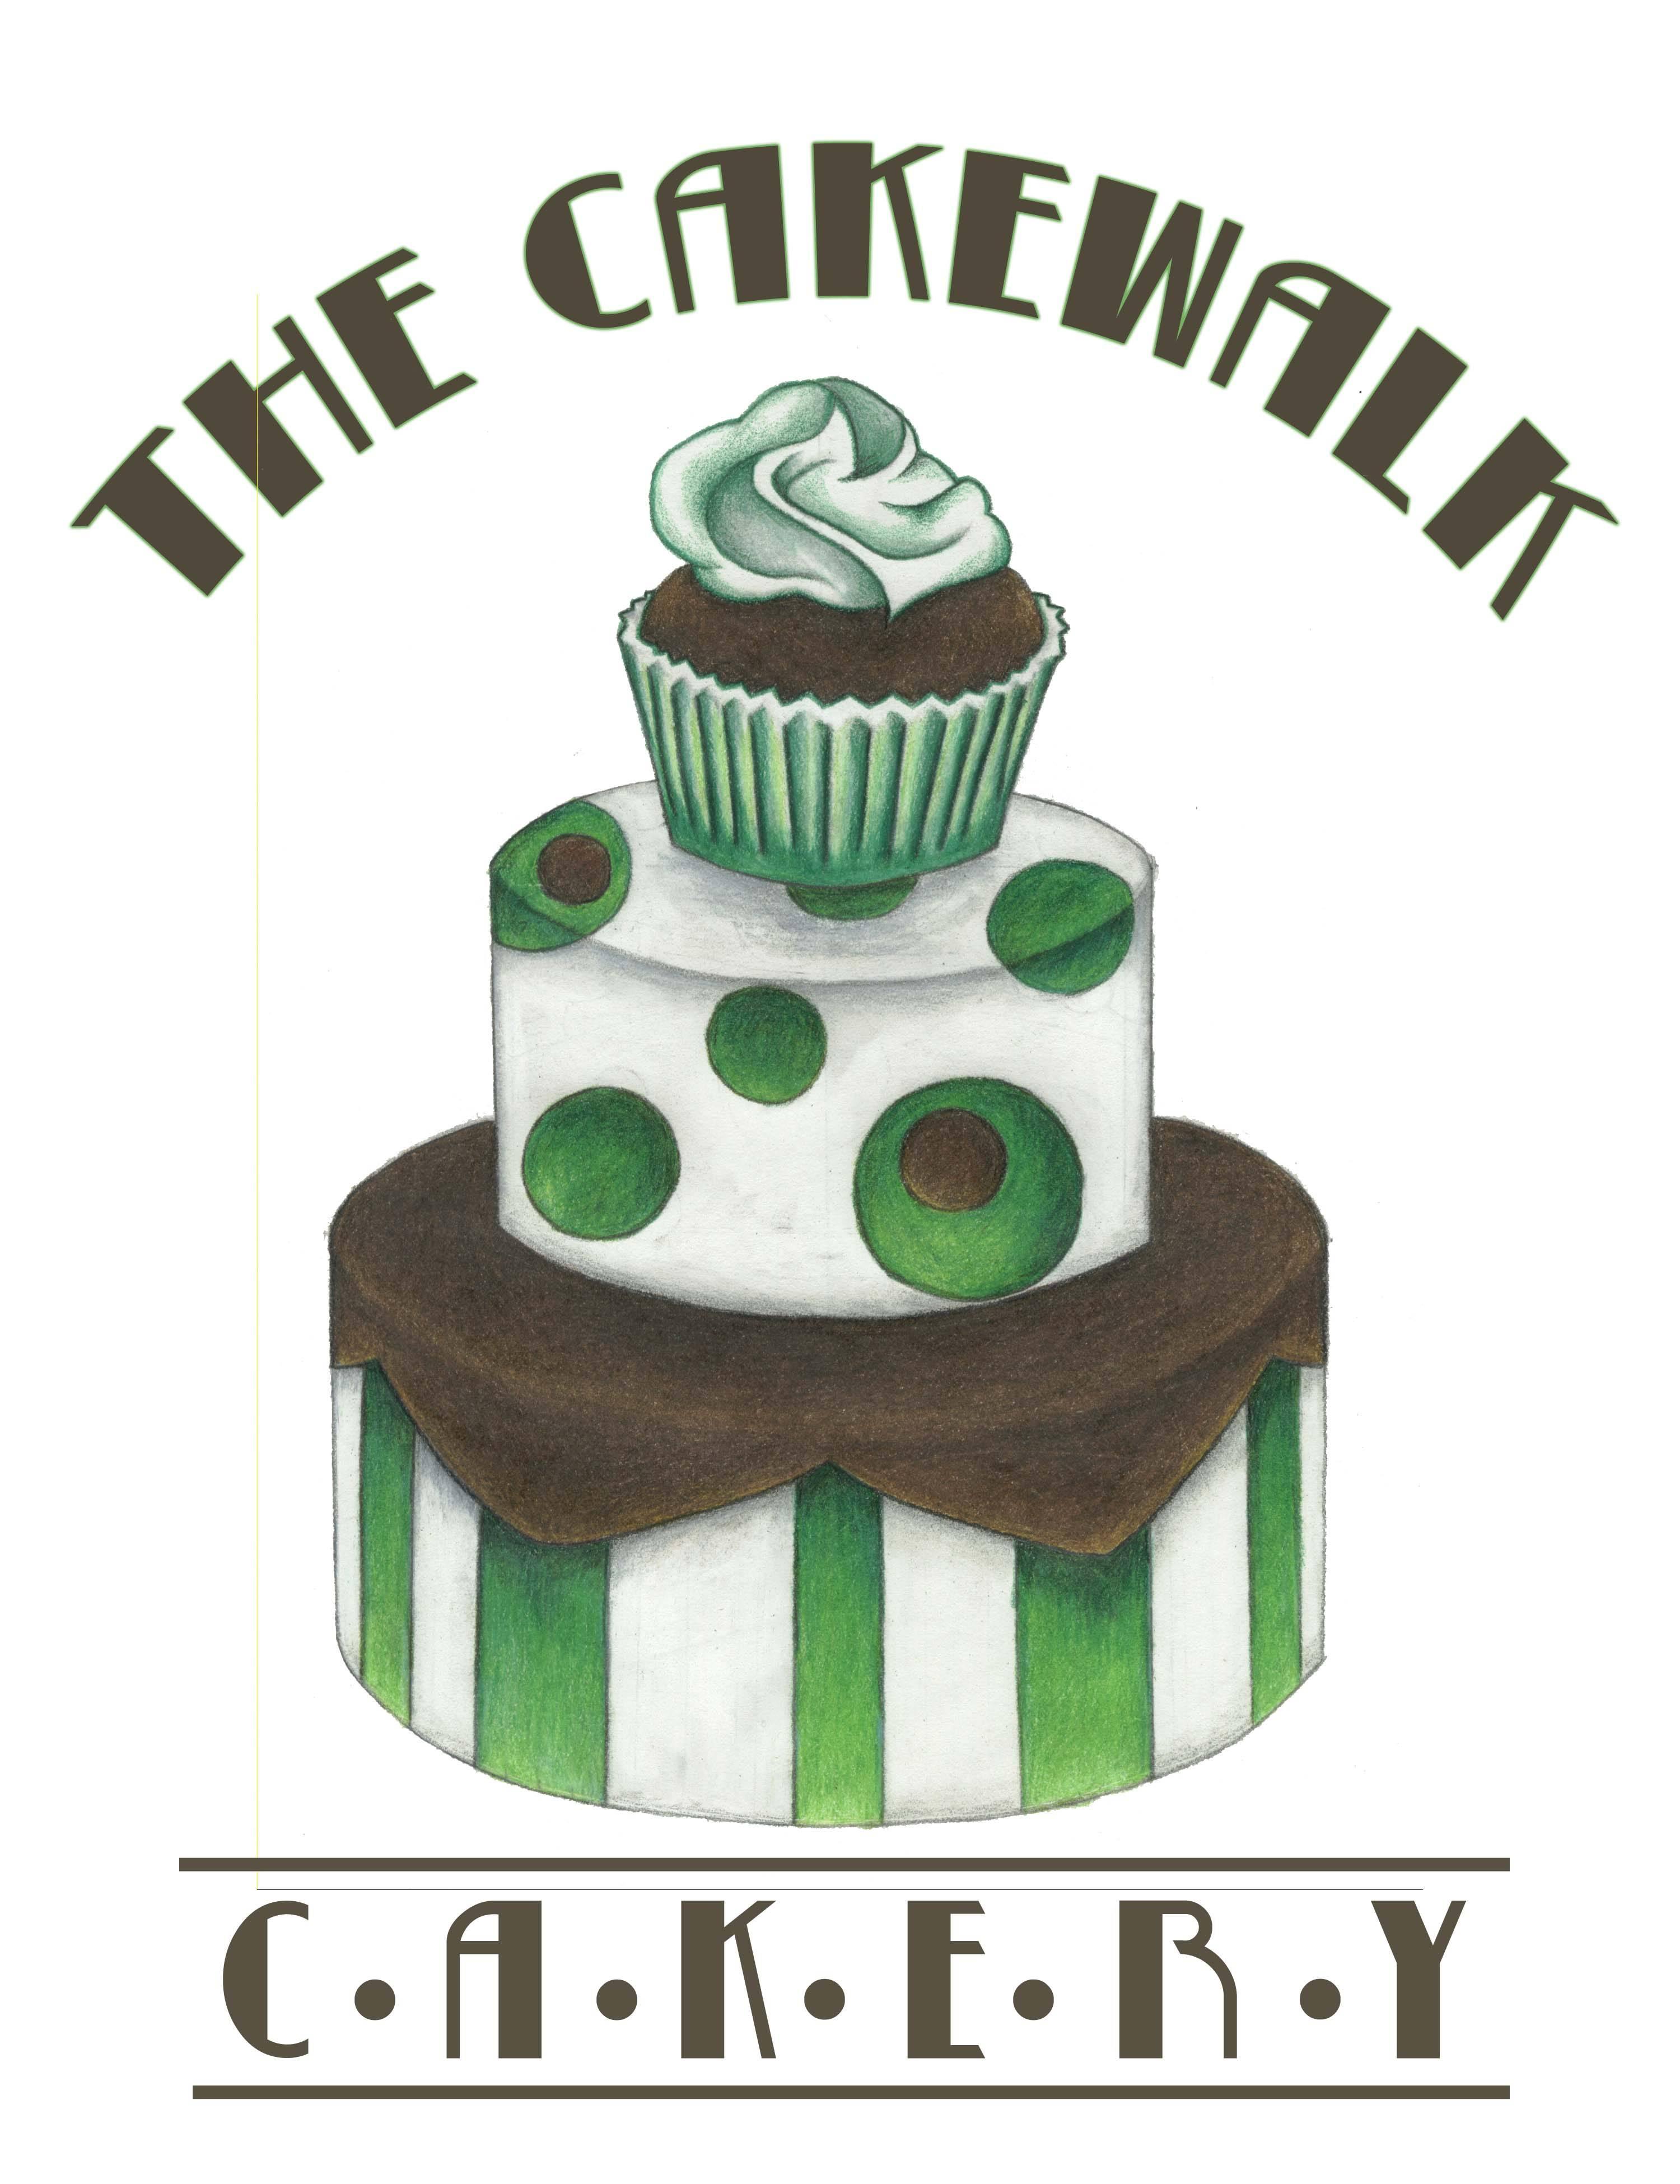 The Cakewalk, 134 W. Washington, Napoleon, OH, 43545, United States